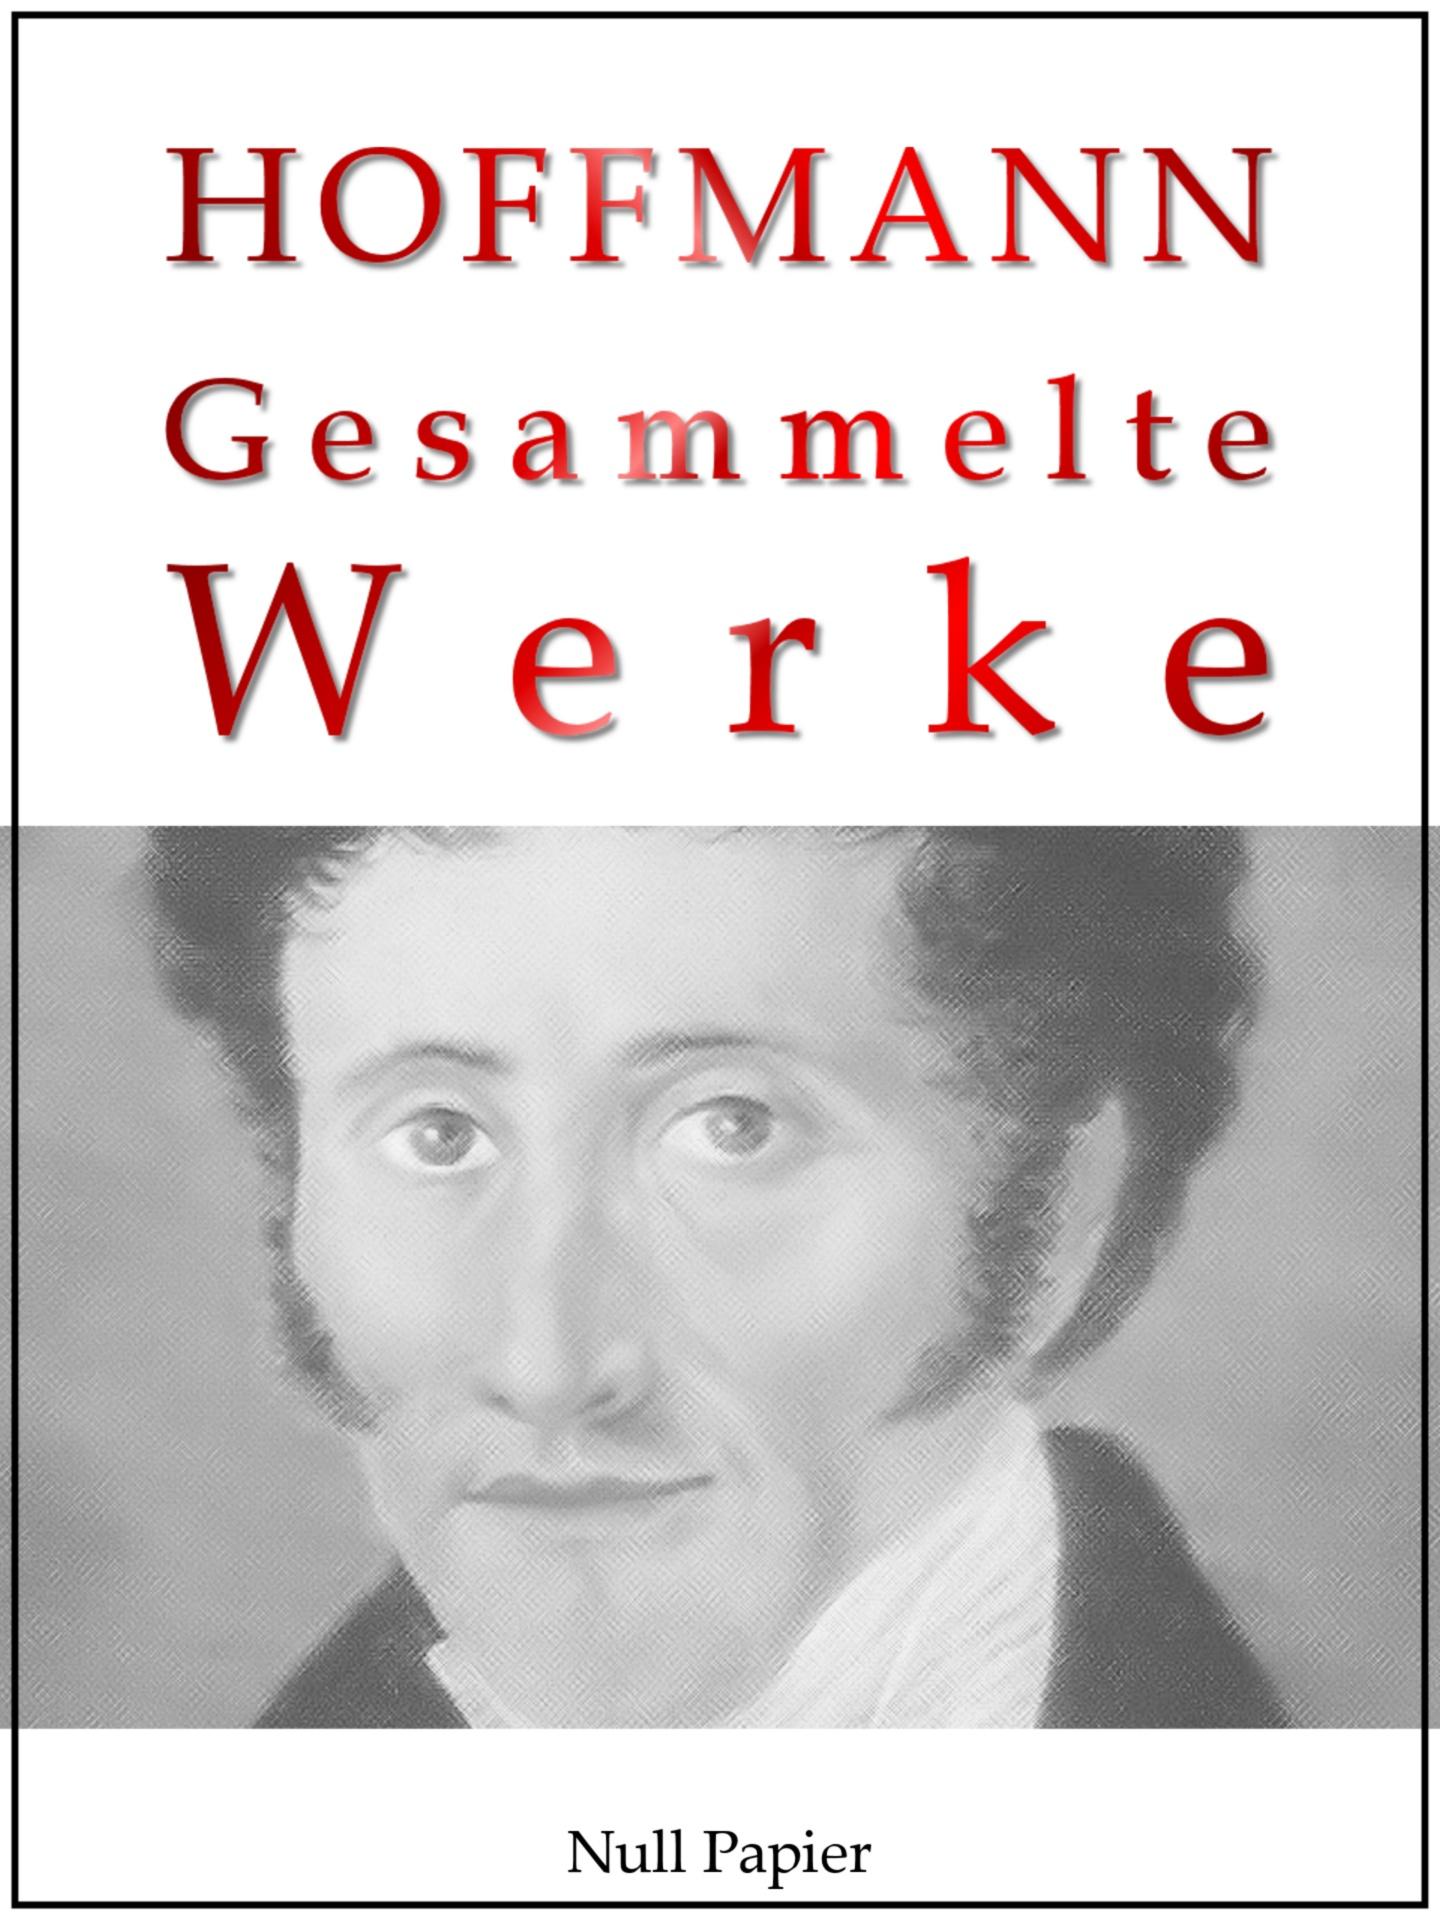 цена на E. T. A. Hoffmann E. T. A. Hoffmann - Gesammelte Werke